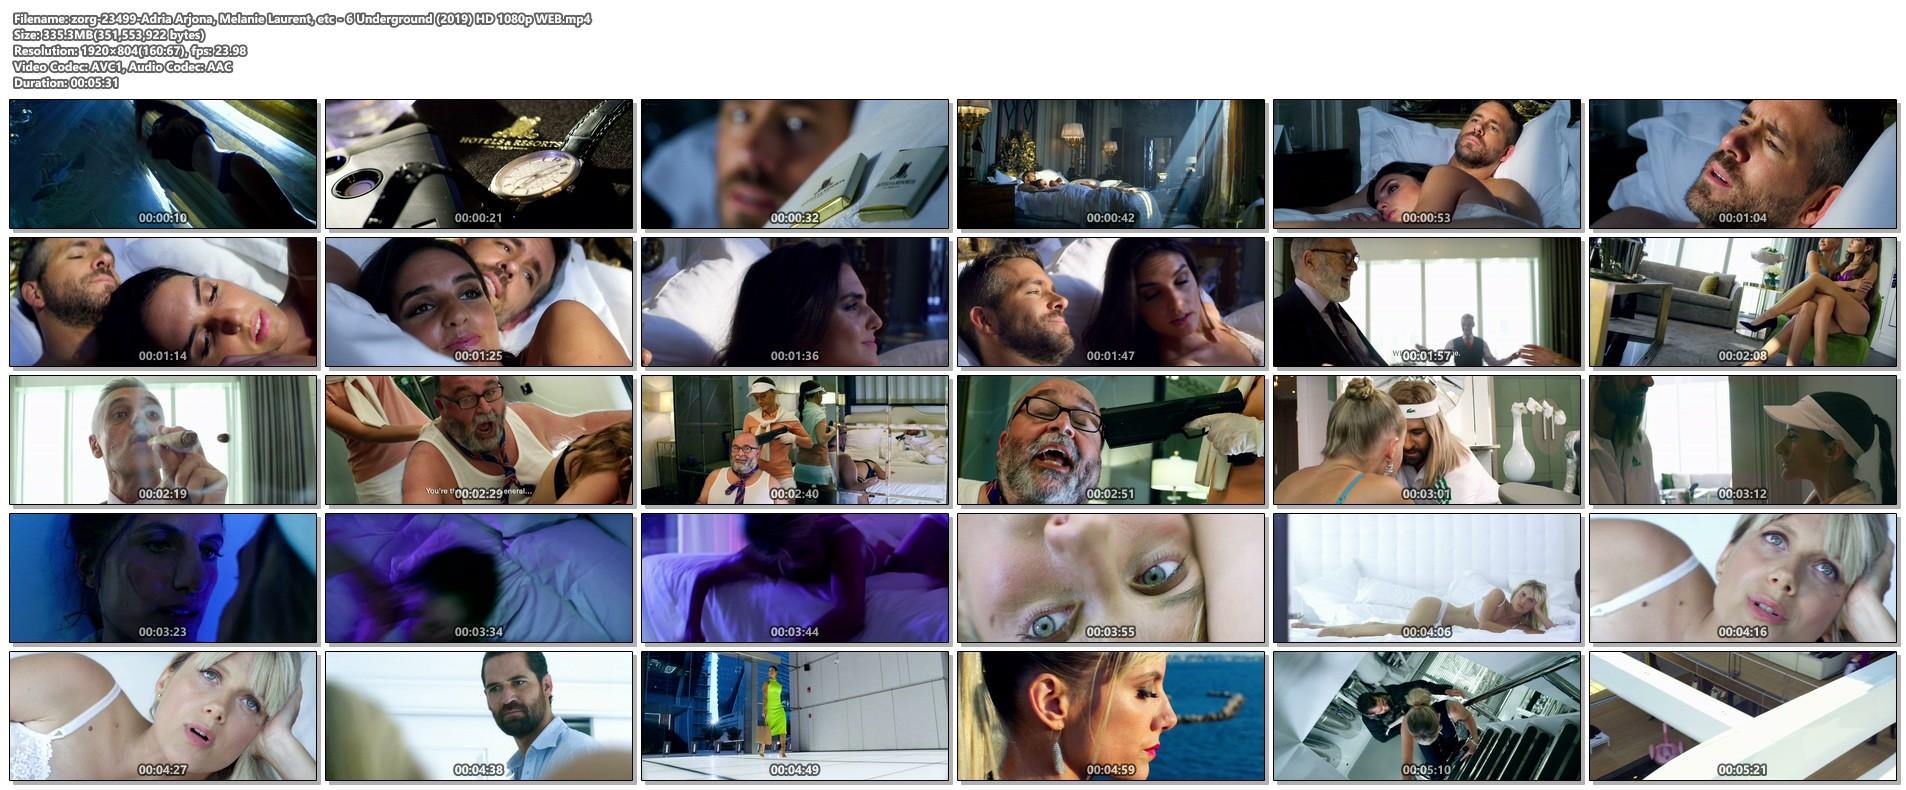 Adria Arjona hot and sex Melanie Laurent hot sex too - 6 Underground (2019) HD 1080p WEB (1)